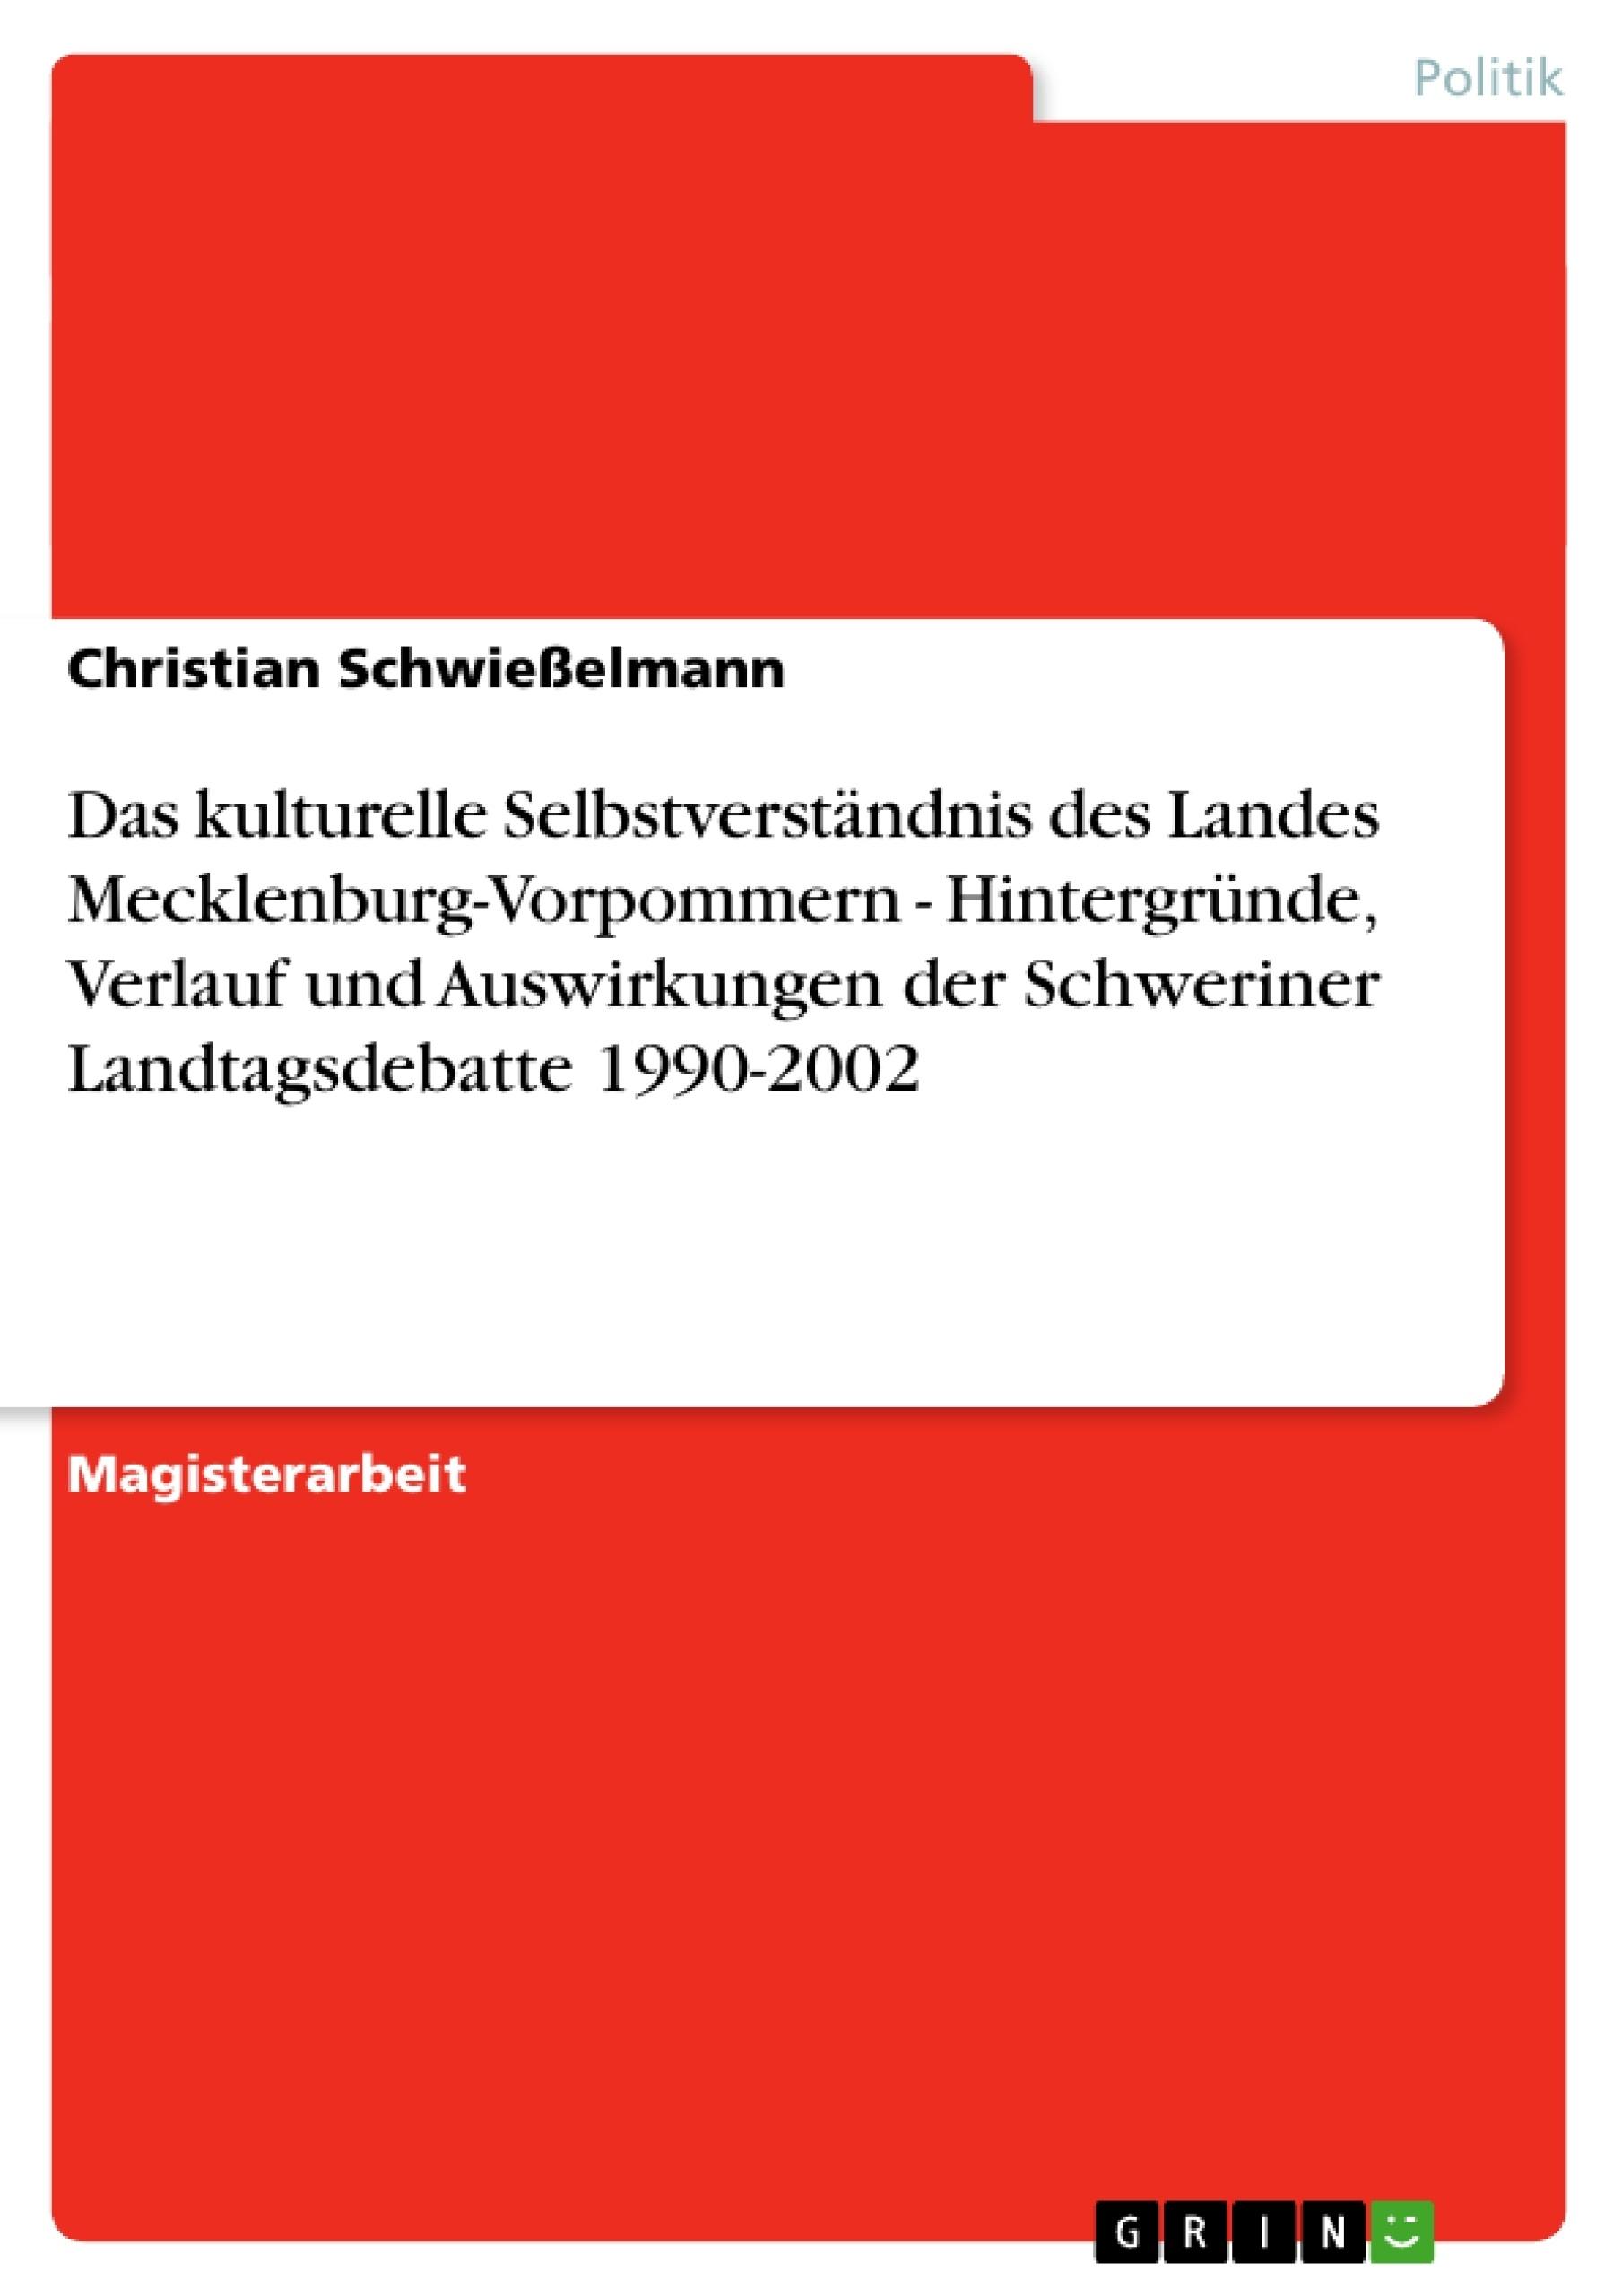 Titel: Das kulturelle Selbstverständnis des Landes Mecklenburg-Vorpommern - Hintergründe, Verlauf und Auswirkungen der Schweriner Landtagsdebatte 1990-2002